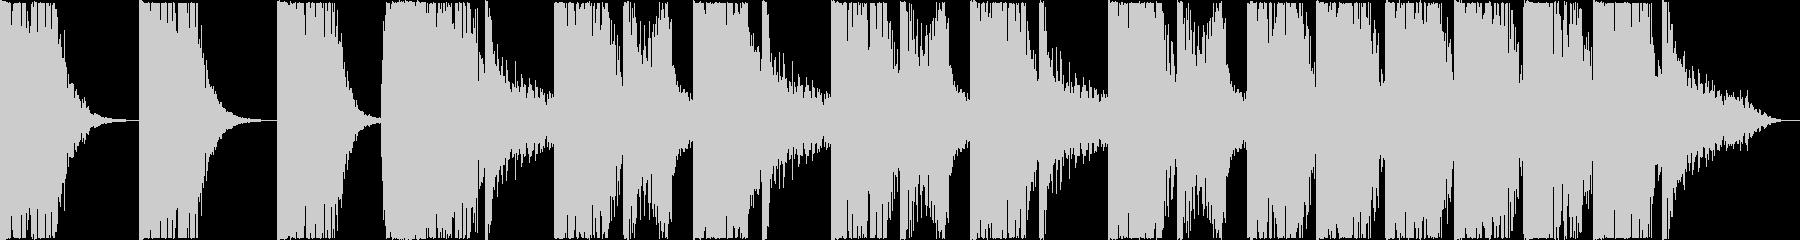 打楽器 BPM=106の未再生の波形